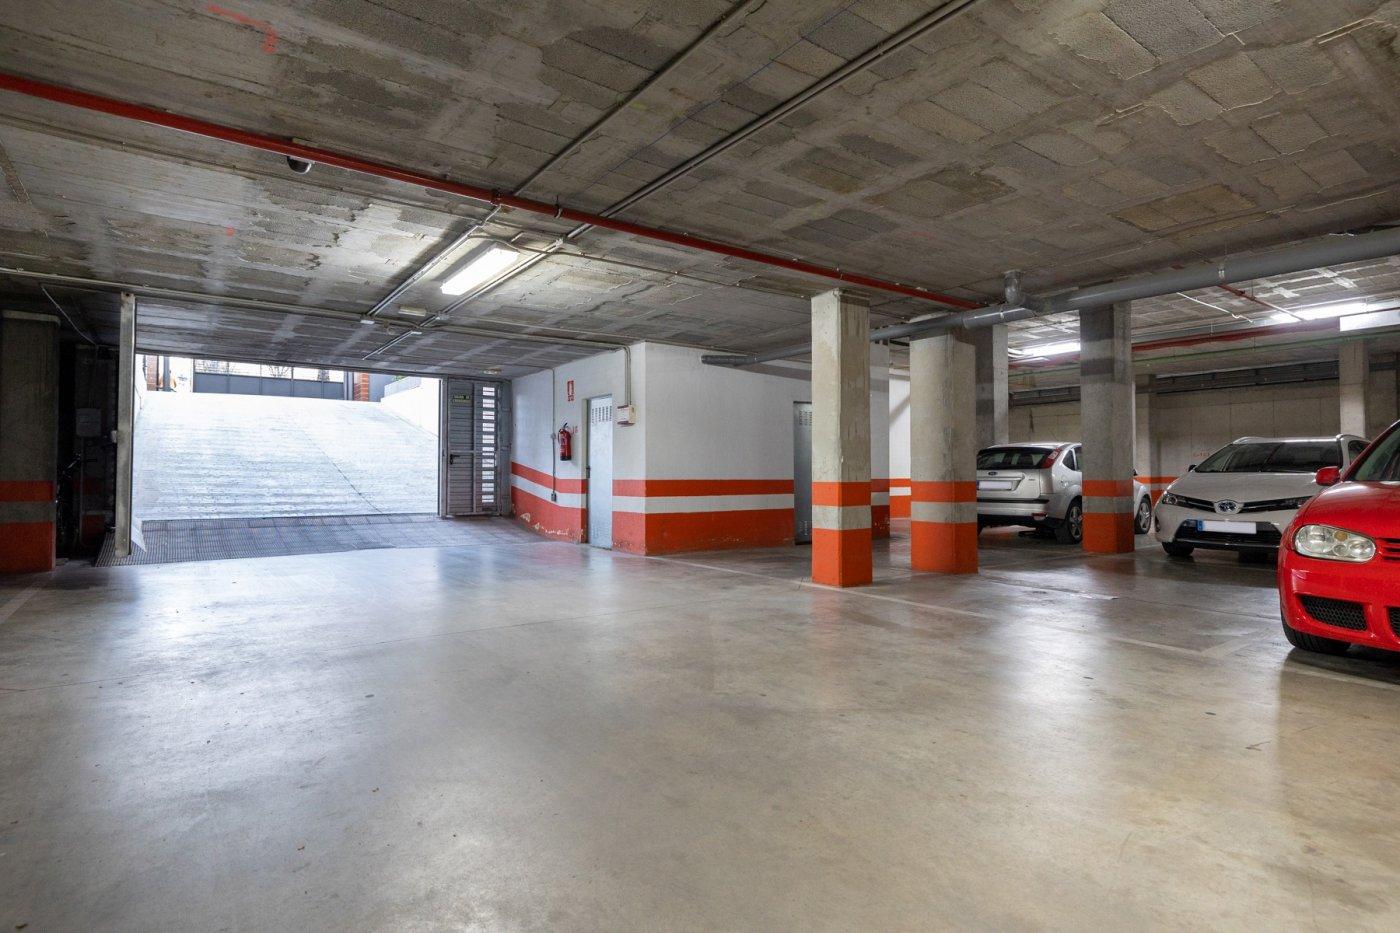 Se vende plaza de garaje bloque 4-5. urb. novosur alhendin. g-143. opción de 2º garaje  y trastero